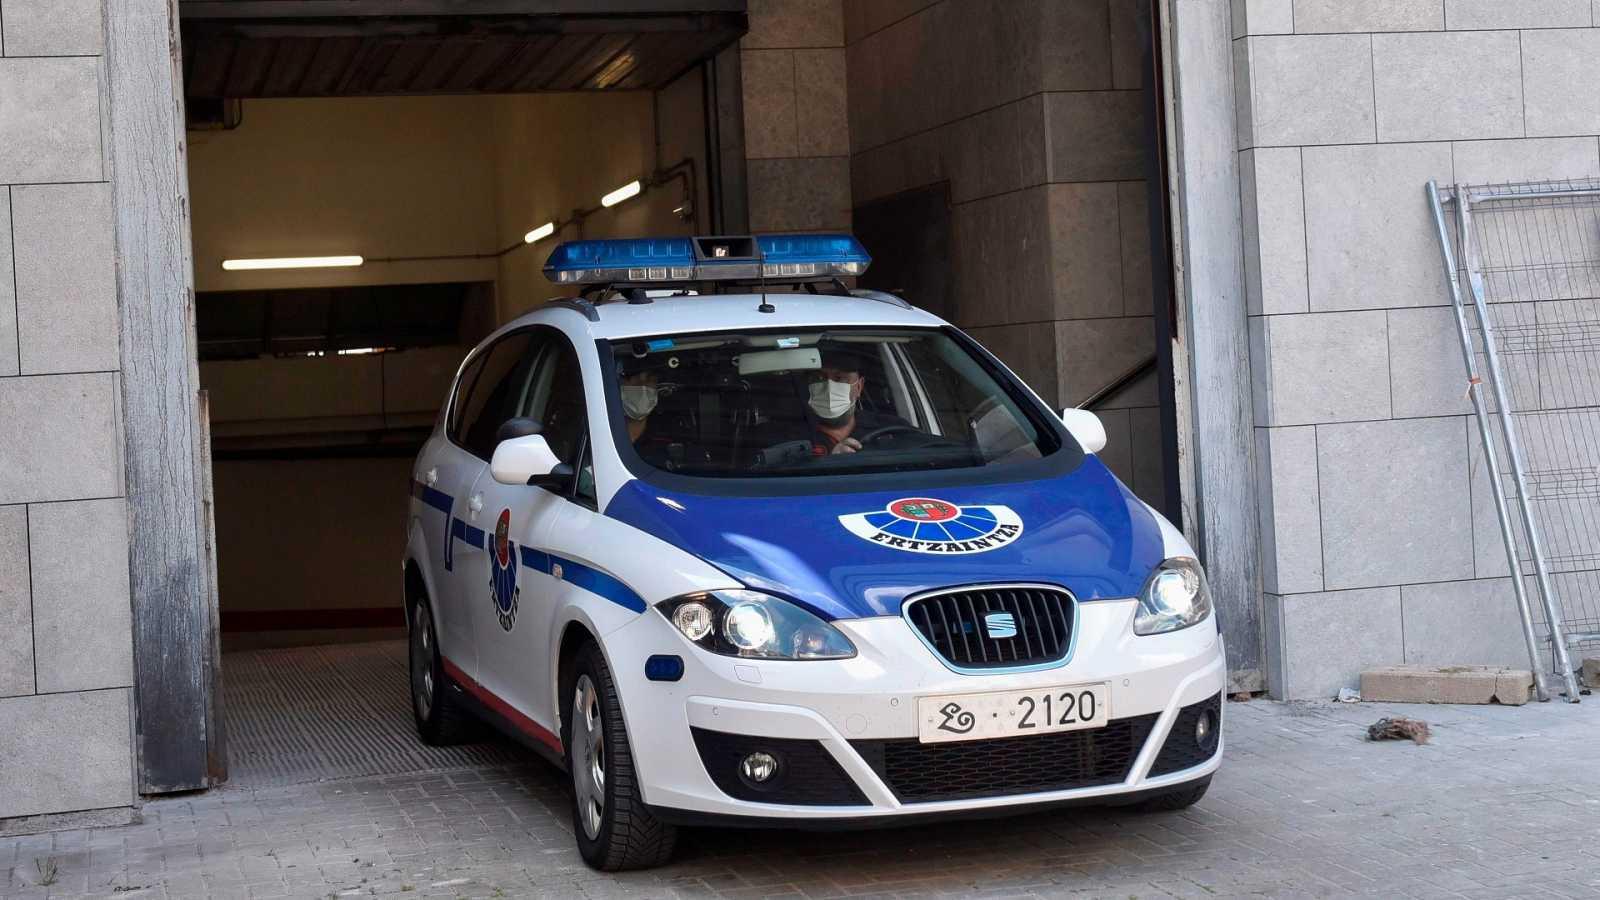 Un coche patrulla de la Ertzaintza abandona este viernes los juzgados de Durango en Bizkaia